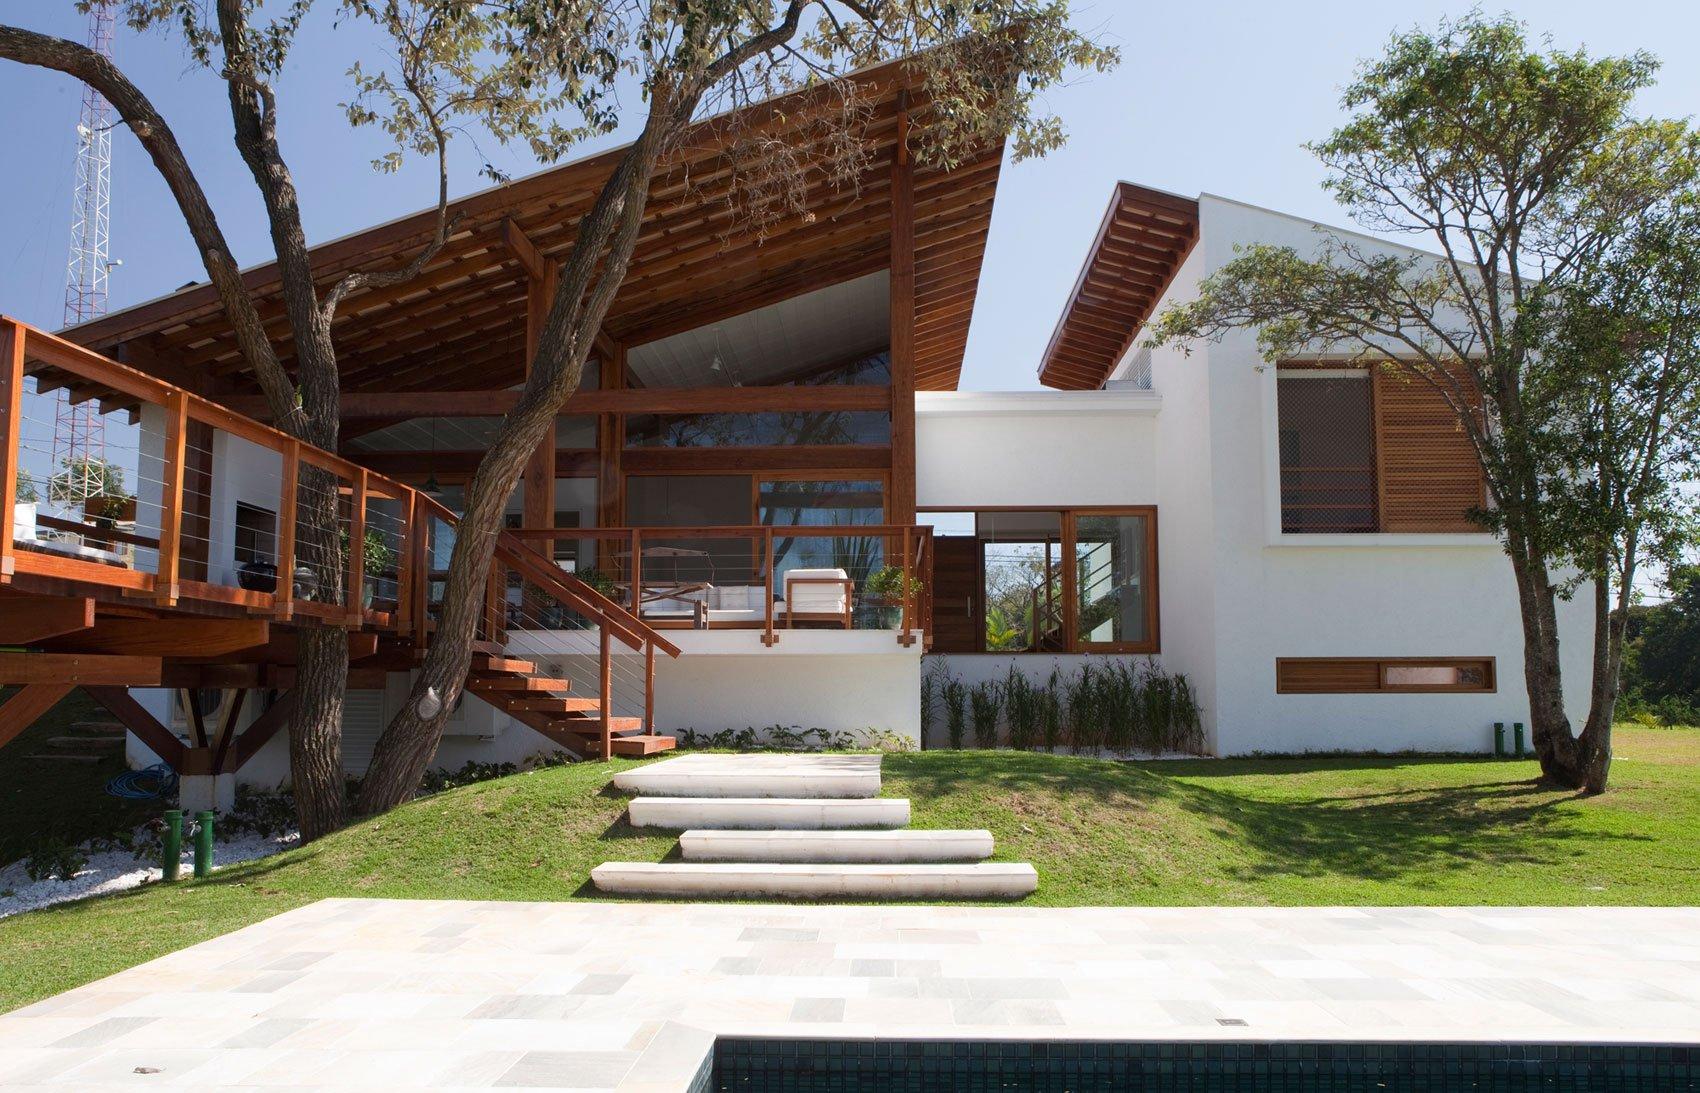 Casa de campo 100 modelos com fotos e projetos for Fachadas de casas de campo